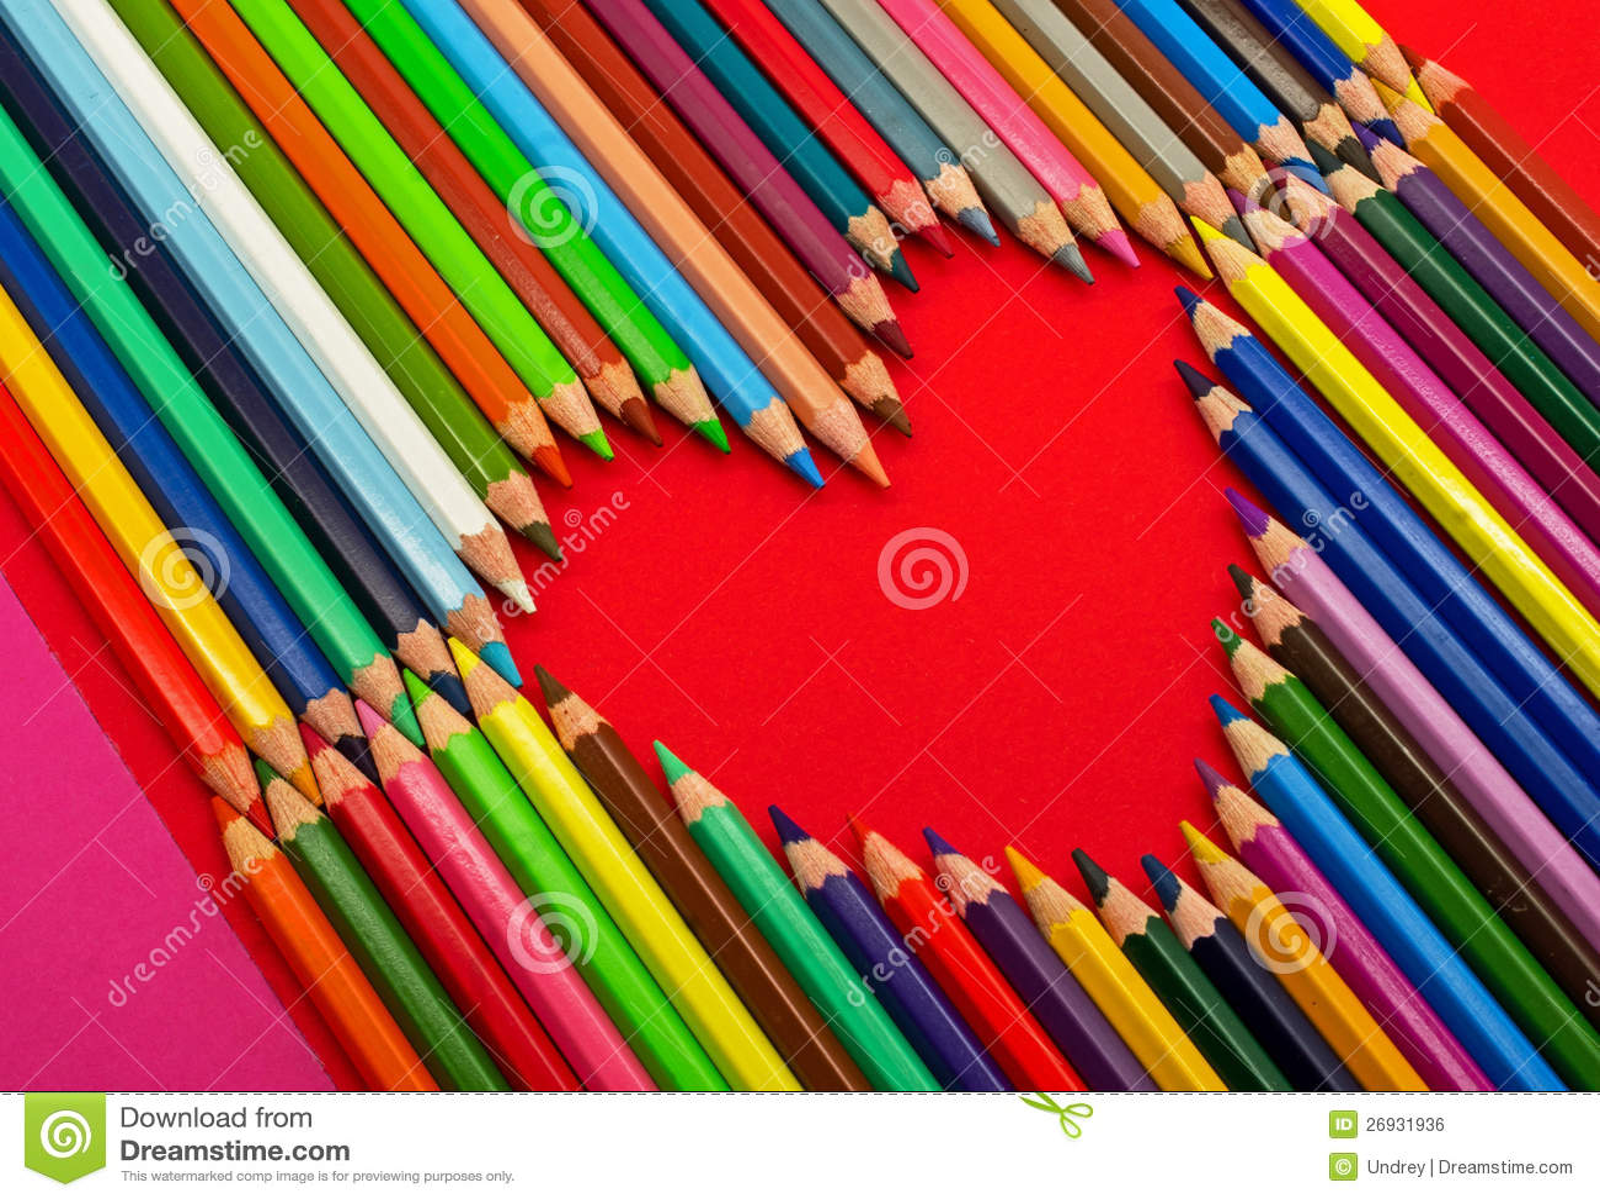 crayons de couleur coeur image libre de droits image 26931936. Black Bedroom Furniture Sets. Home Design Ideas